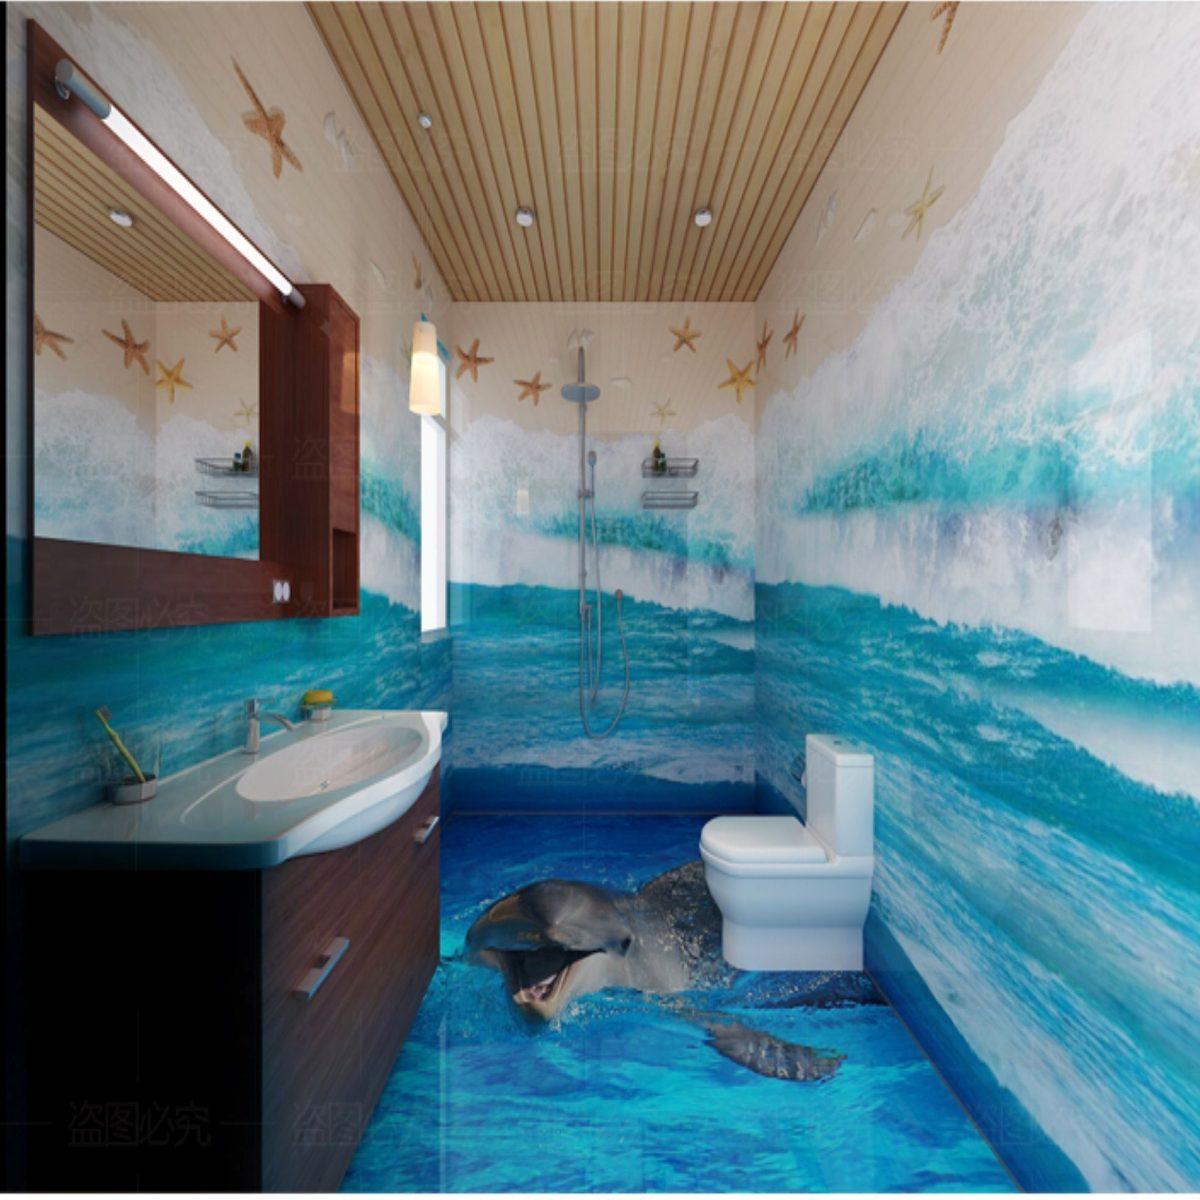 Murales Para Azulejos Baños Cocina - $ 450,00 en Mercado Libre